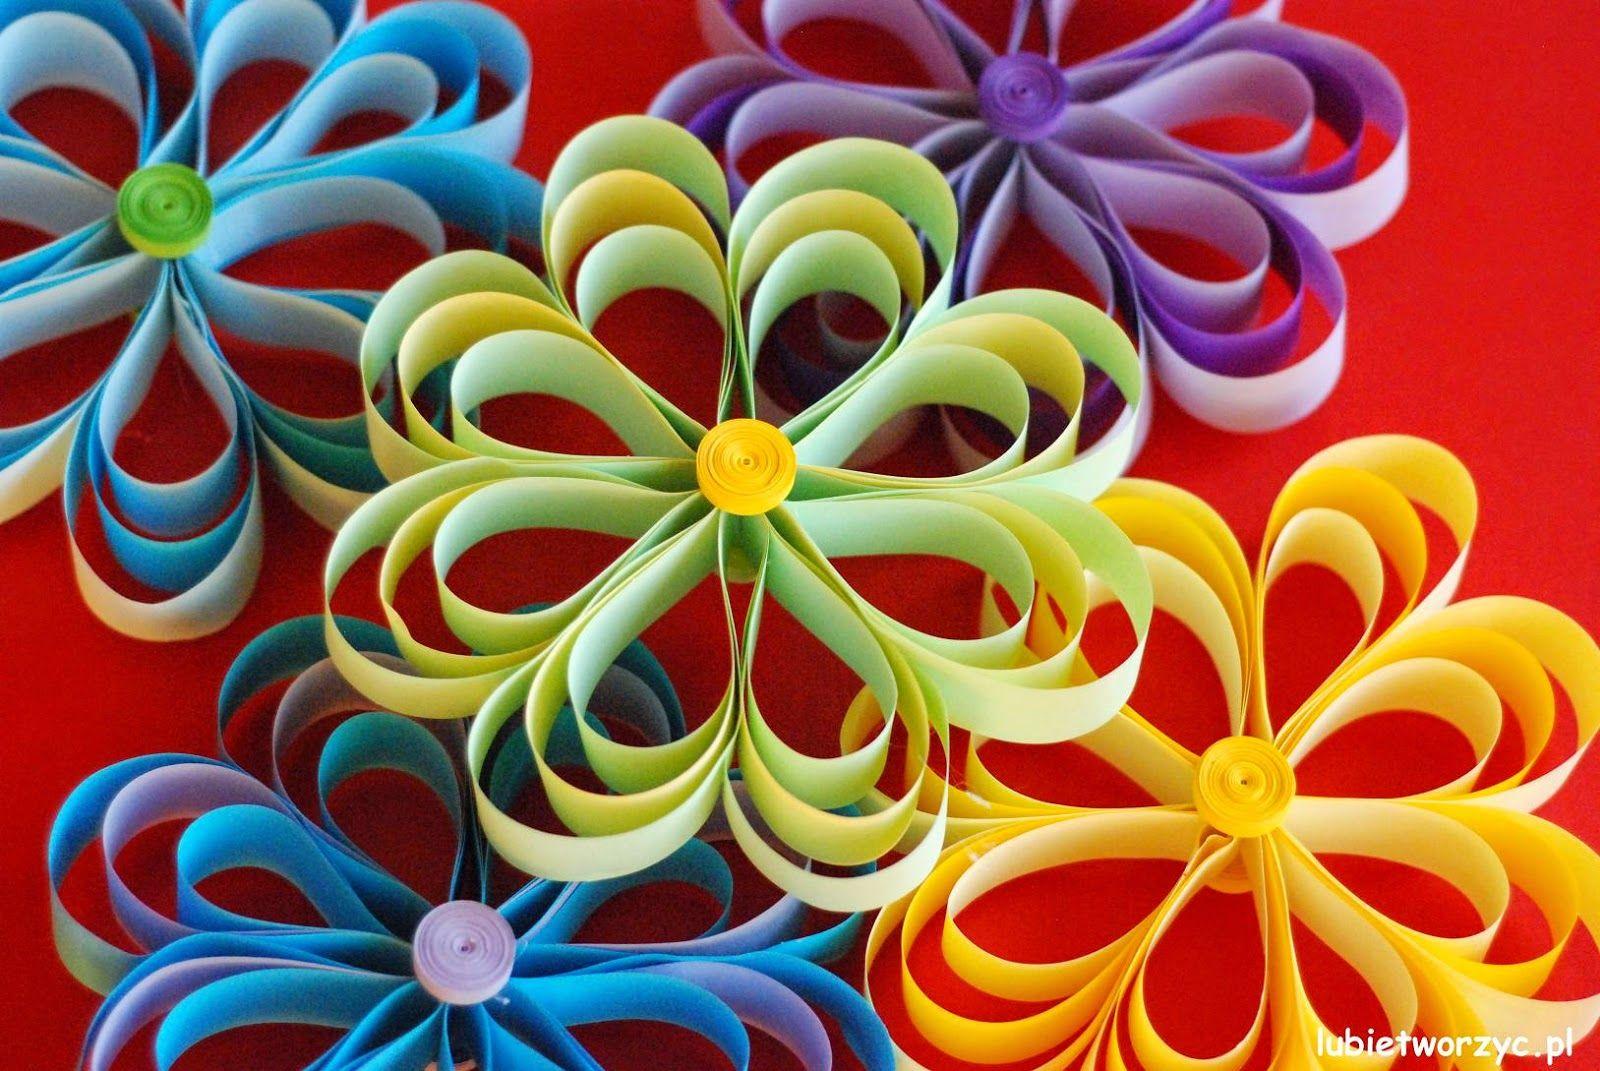 Открытка мая, открытка цветок из полосок